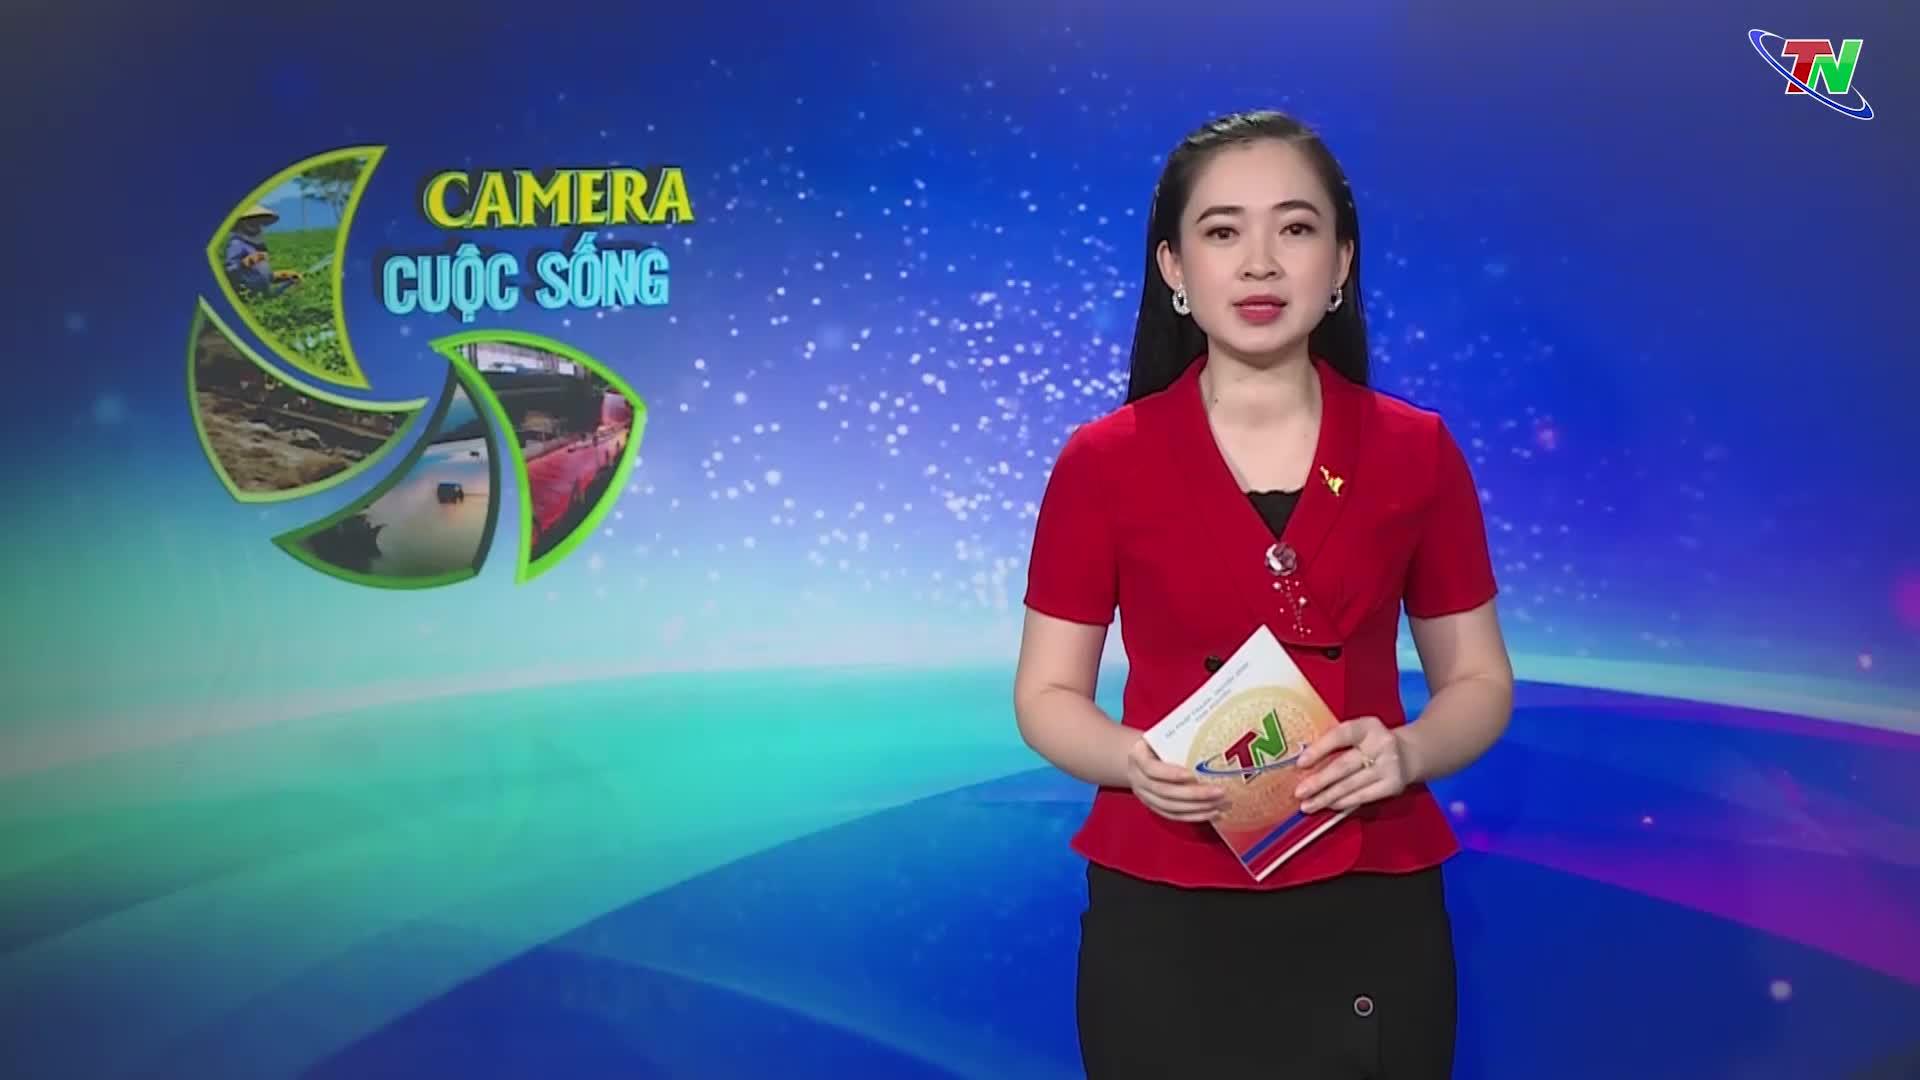 Bản tin Camera cuộc sống ngày 18/5/2020